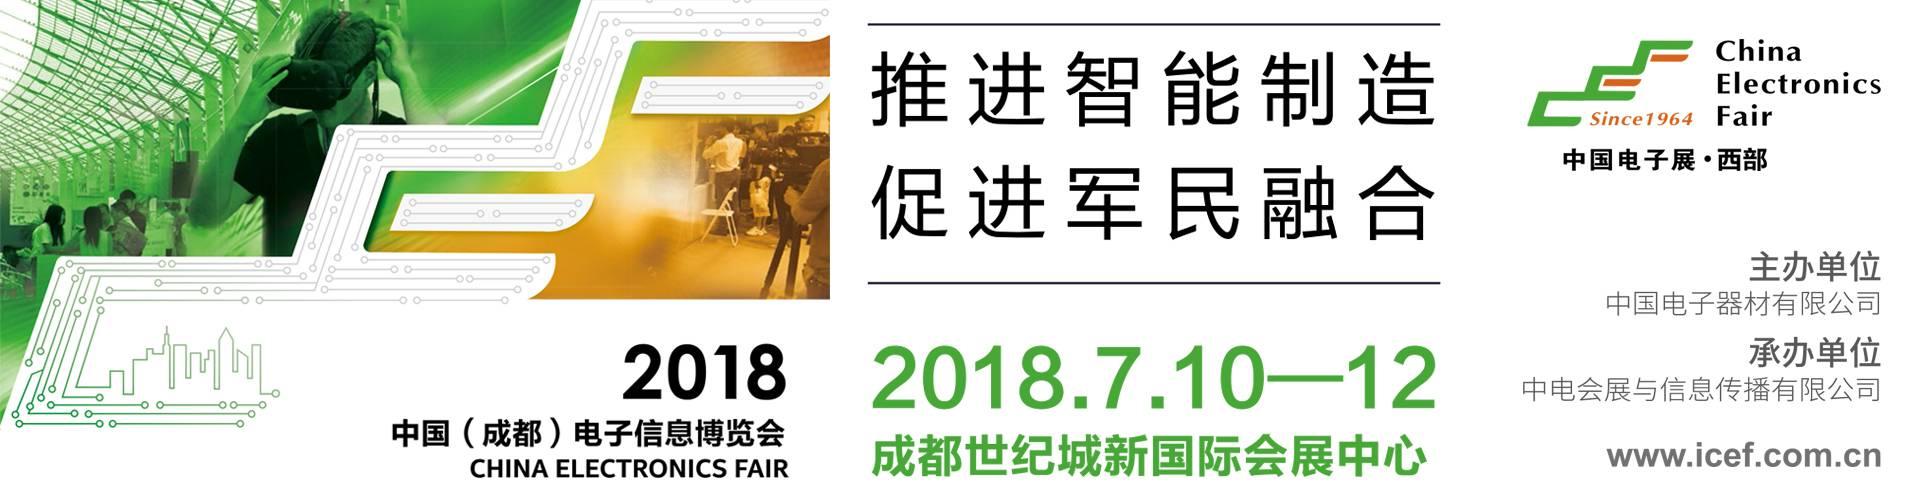 2018年中国(成都)电子展